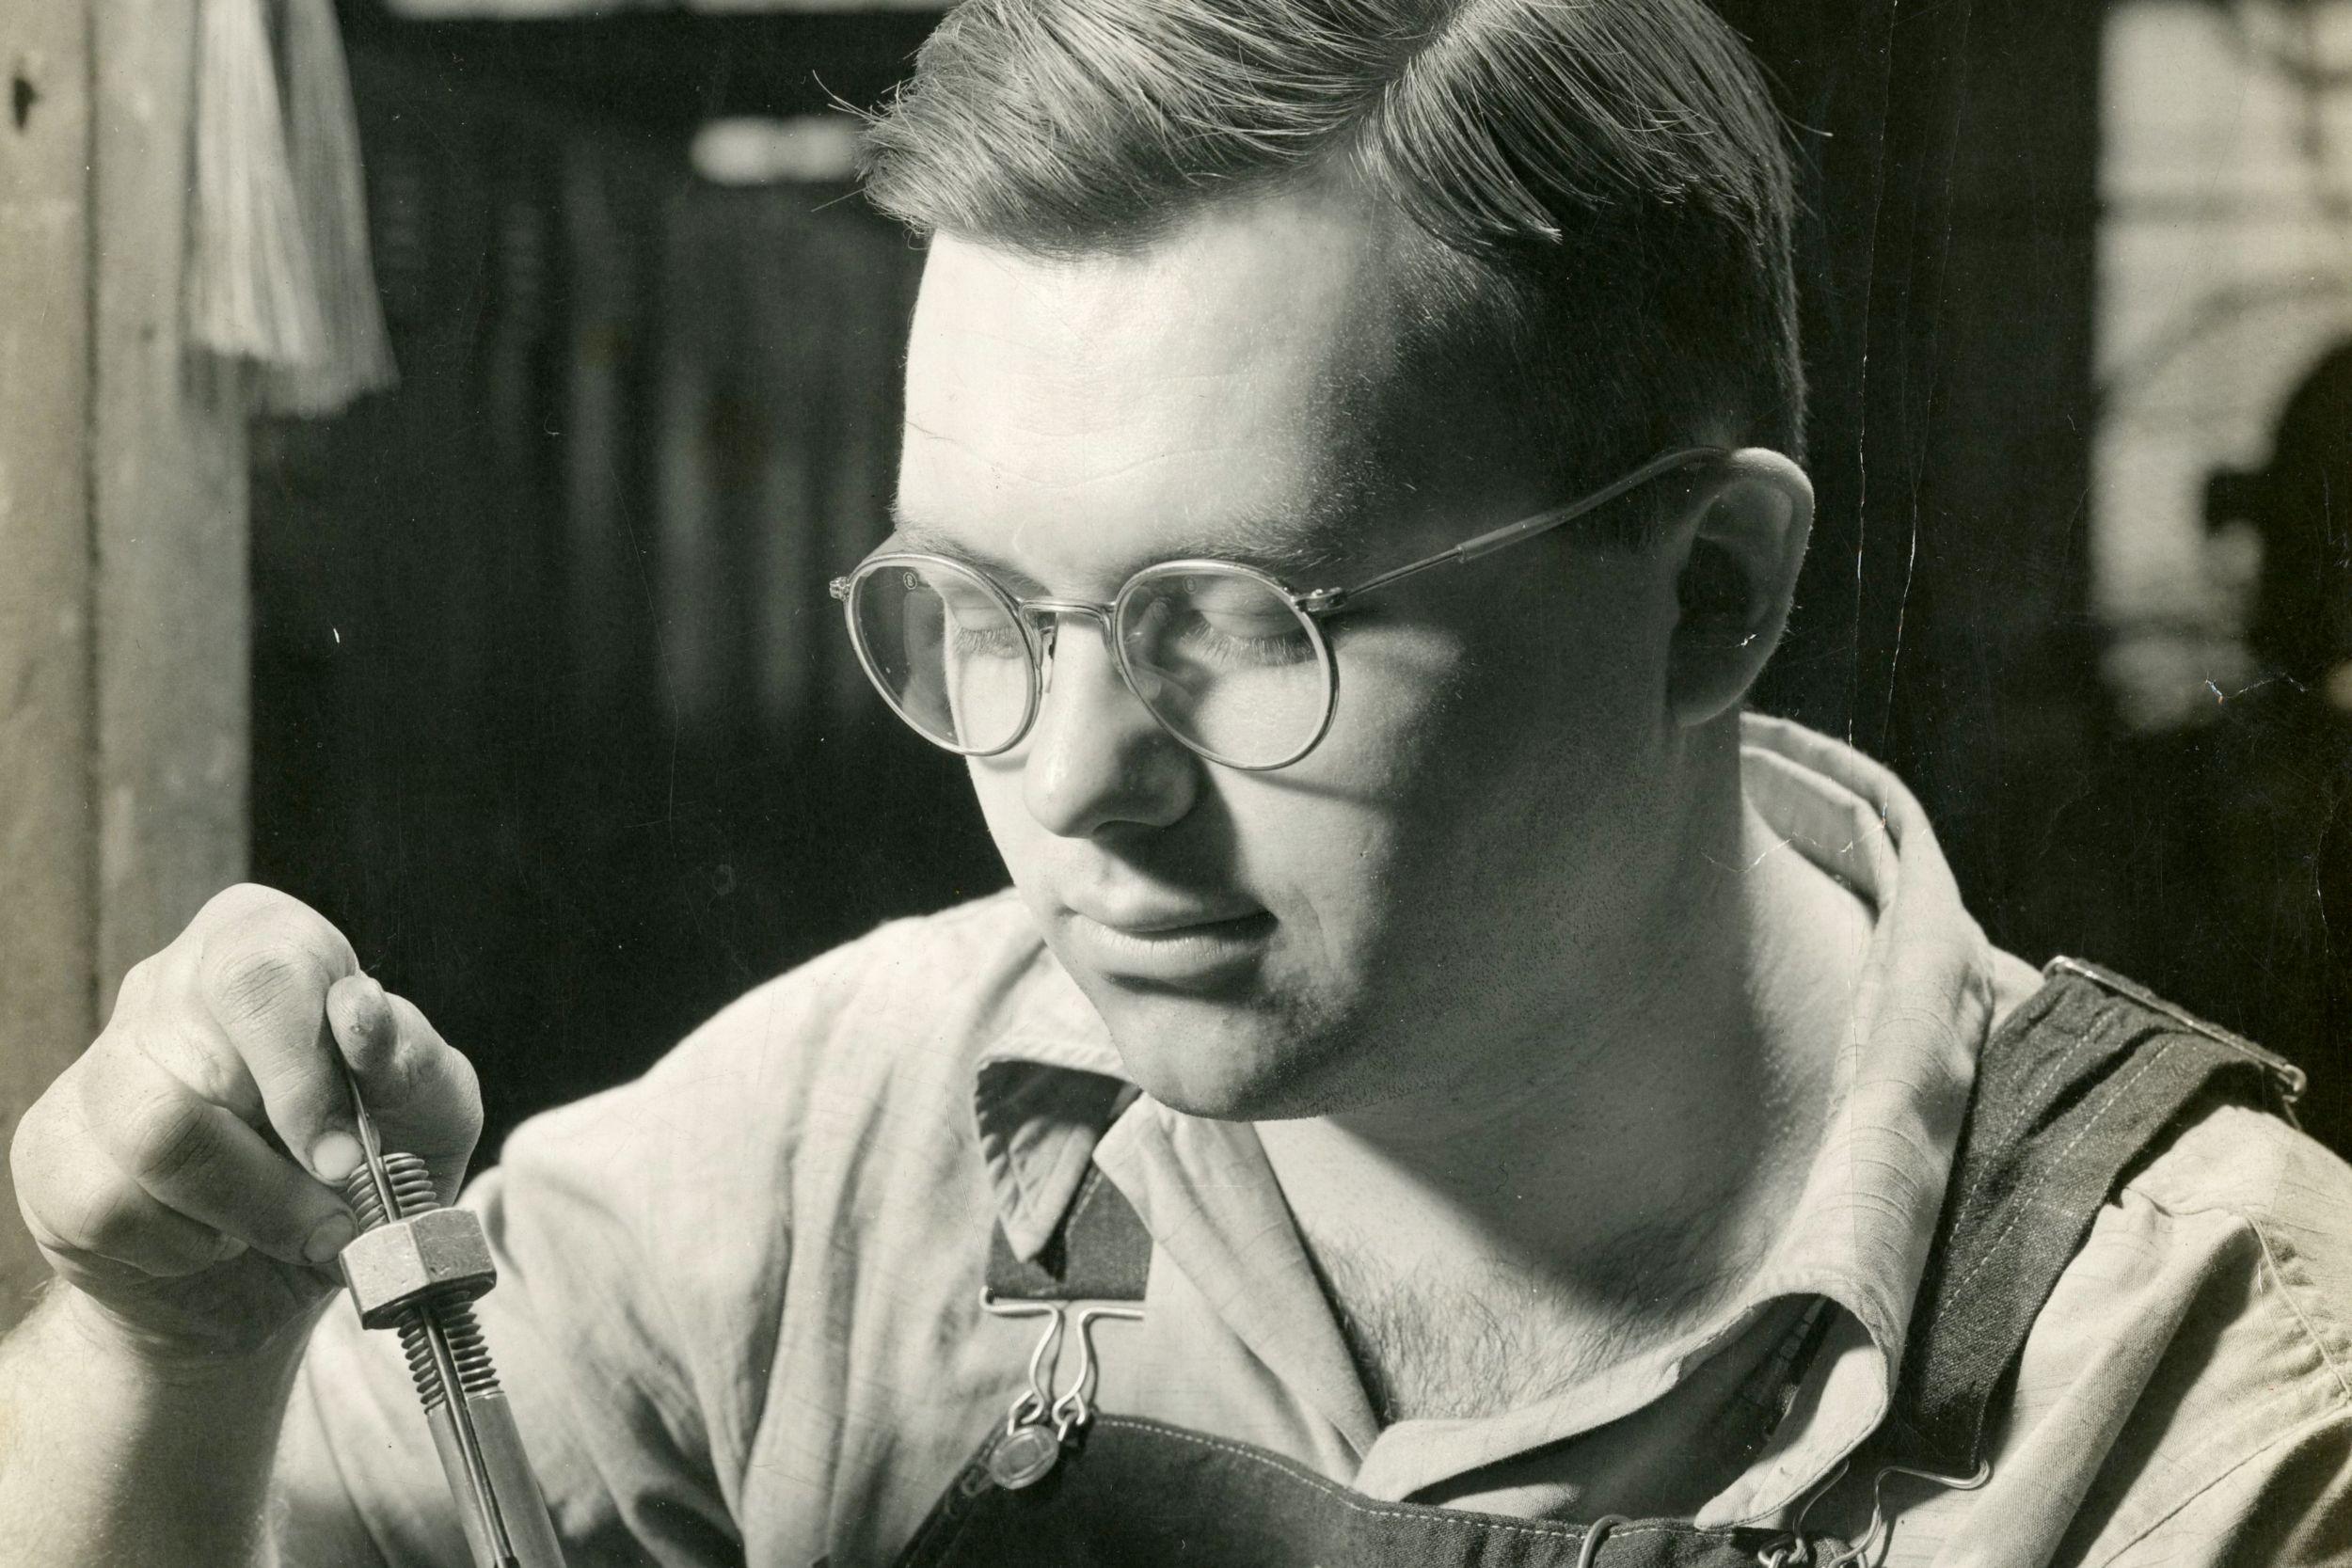 Robert Eckhart